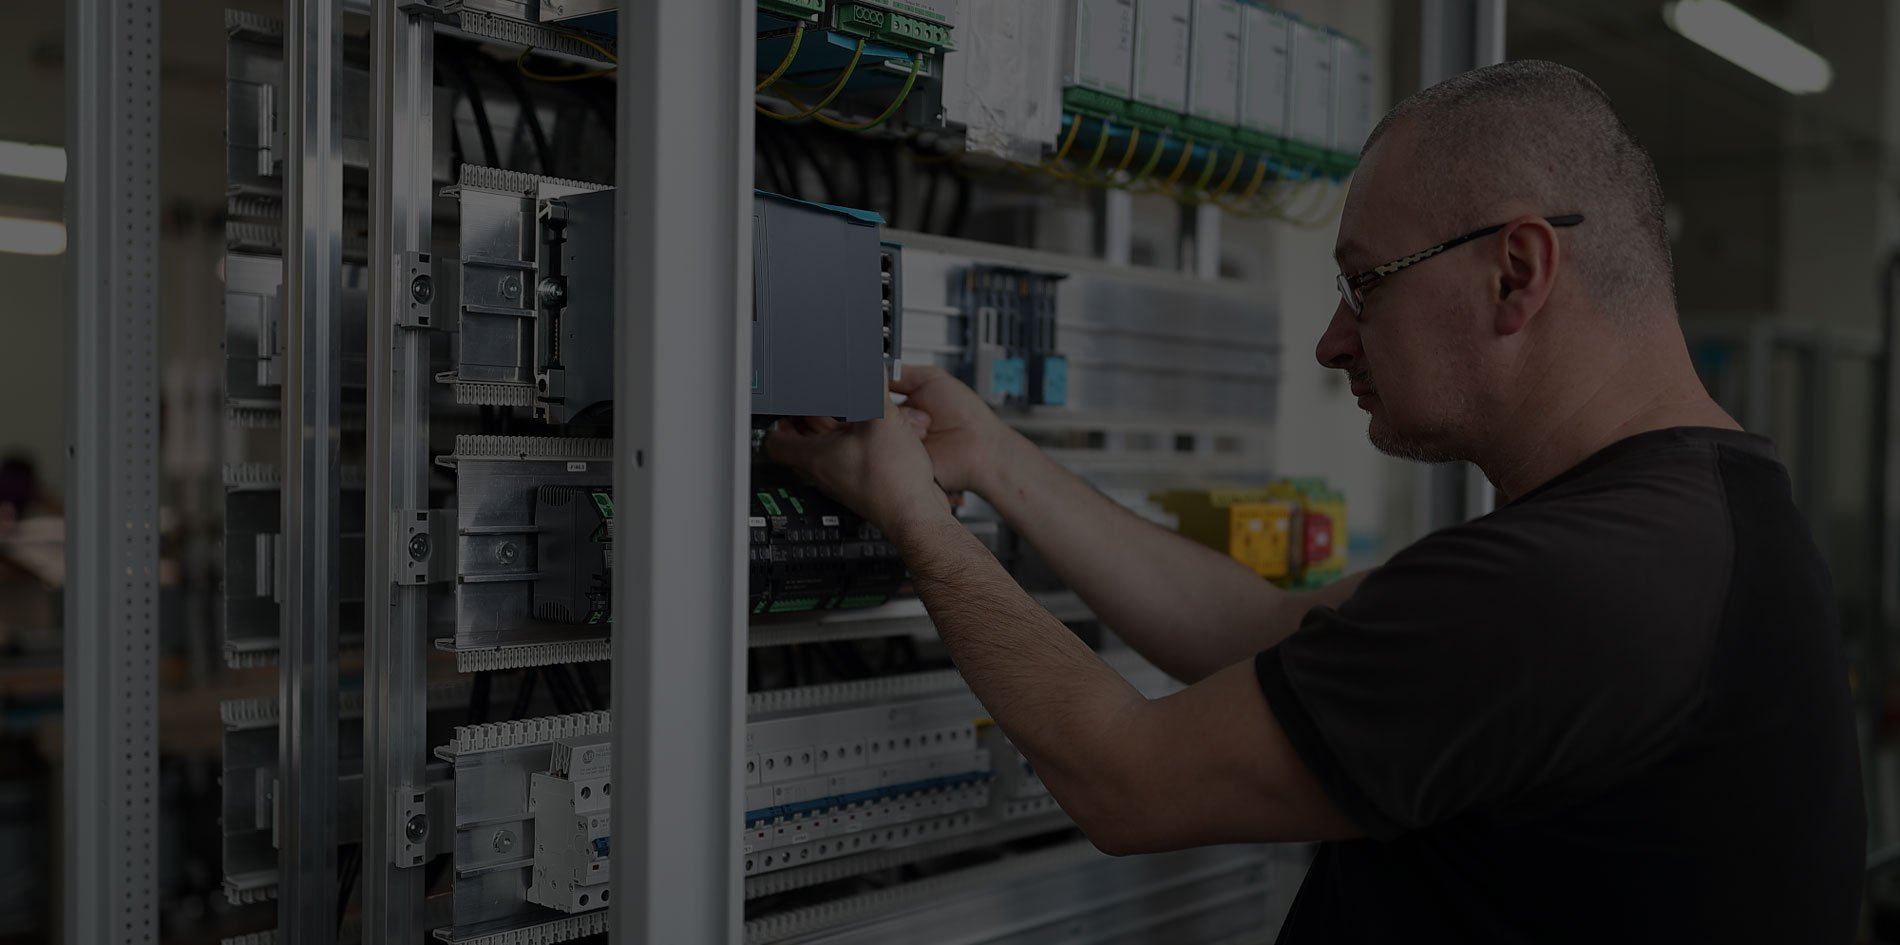 Osazování elektrického rozvaděče nízkého napětí v SENCO Příbram